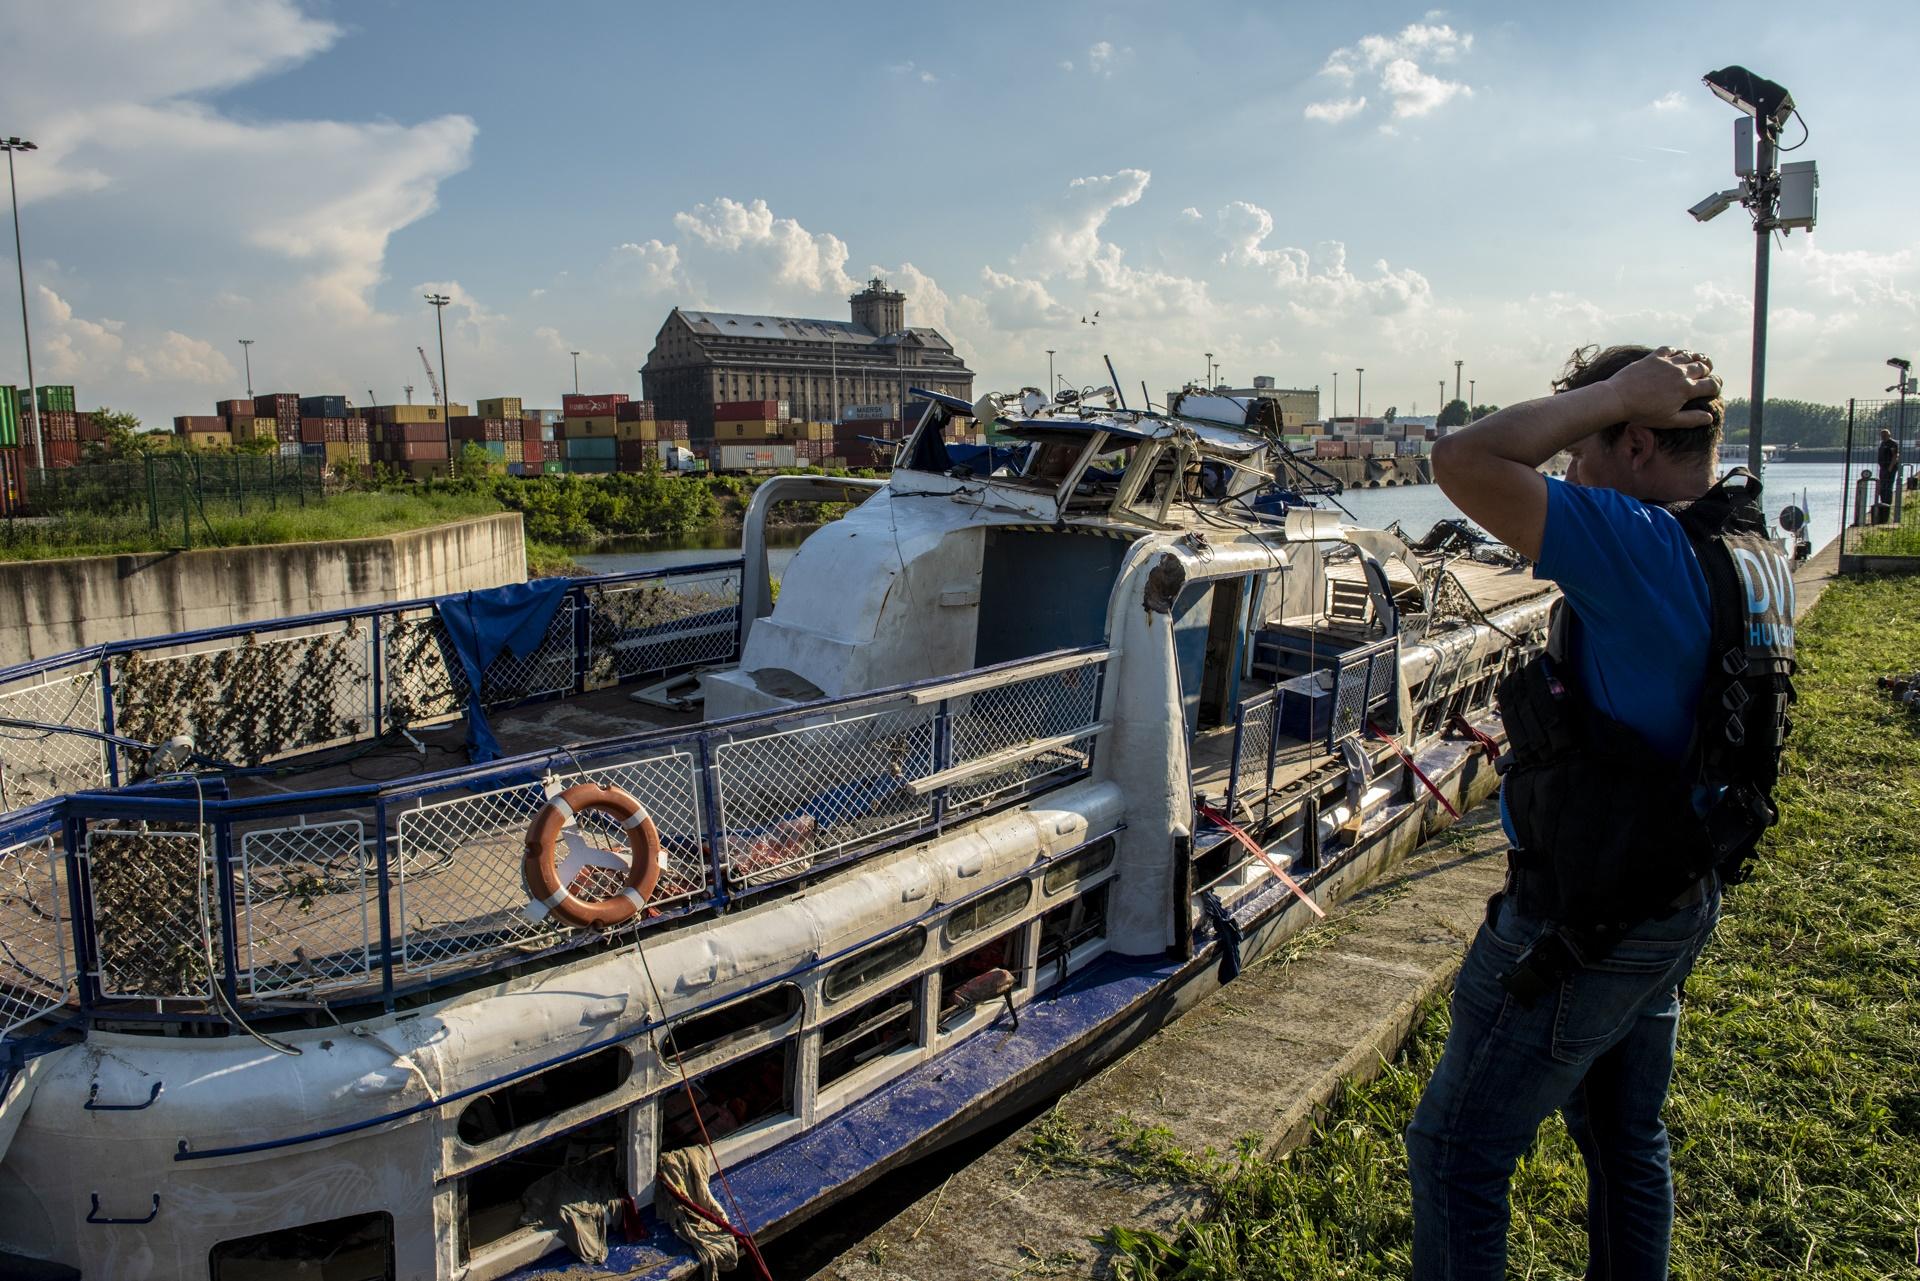 지난 11일 헝가리 다뷰느강에서 인양된 유람선 허블레아니호가 정밀조사를 위해 정박되어 있다. [사진 헝가리 경찰=연합뉴스]